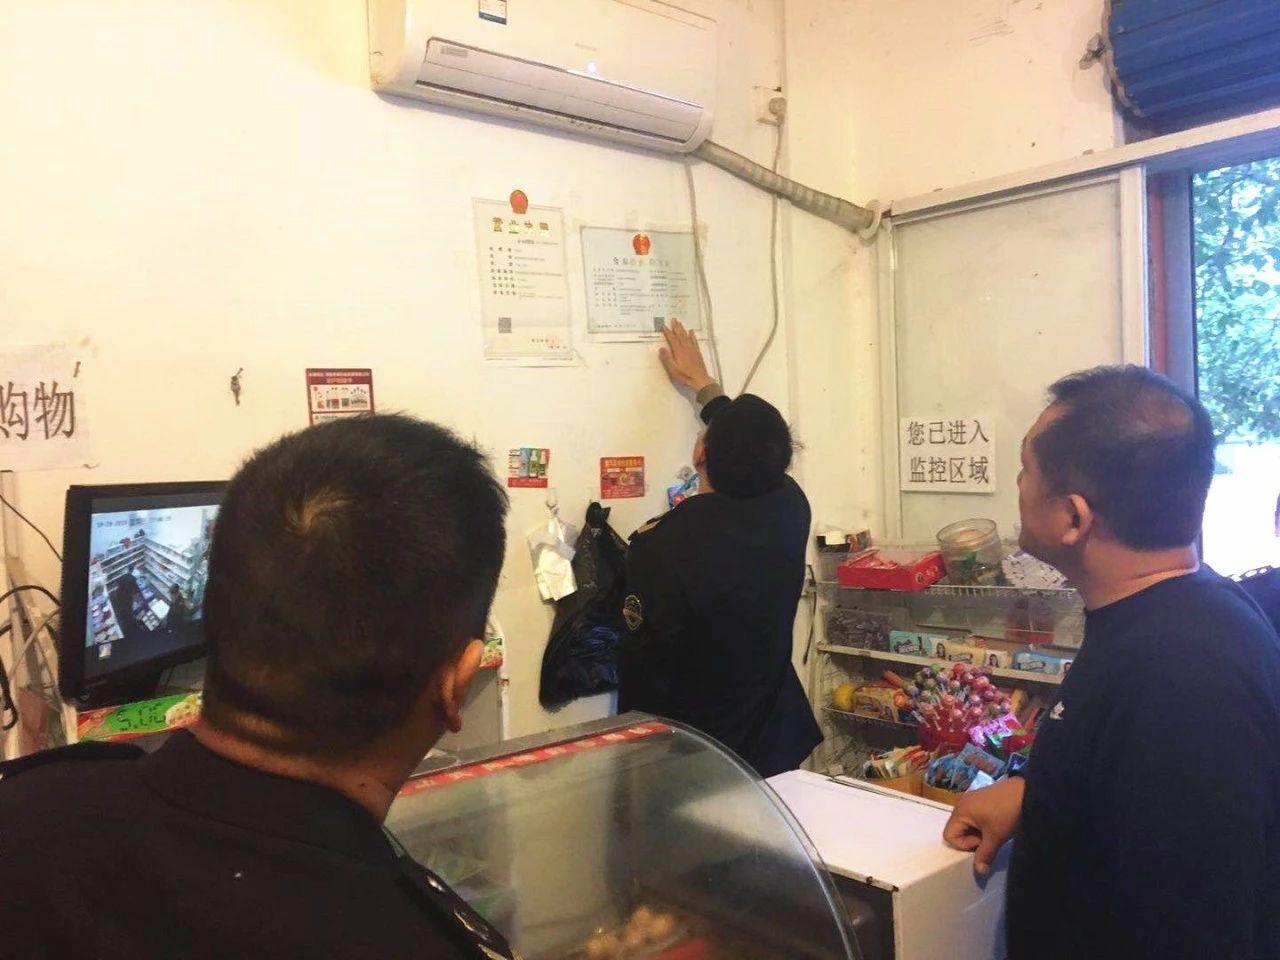 高新区开展学校食堂及周边食品安全专项整治巡查工作